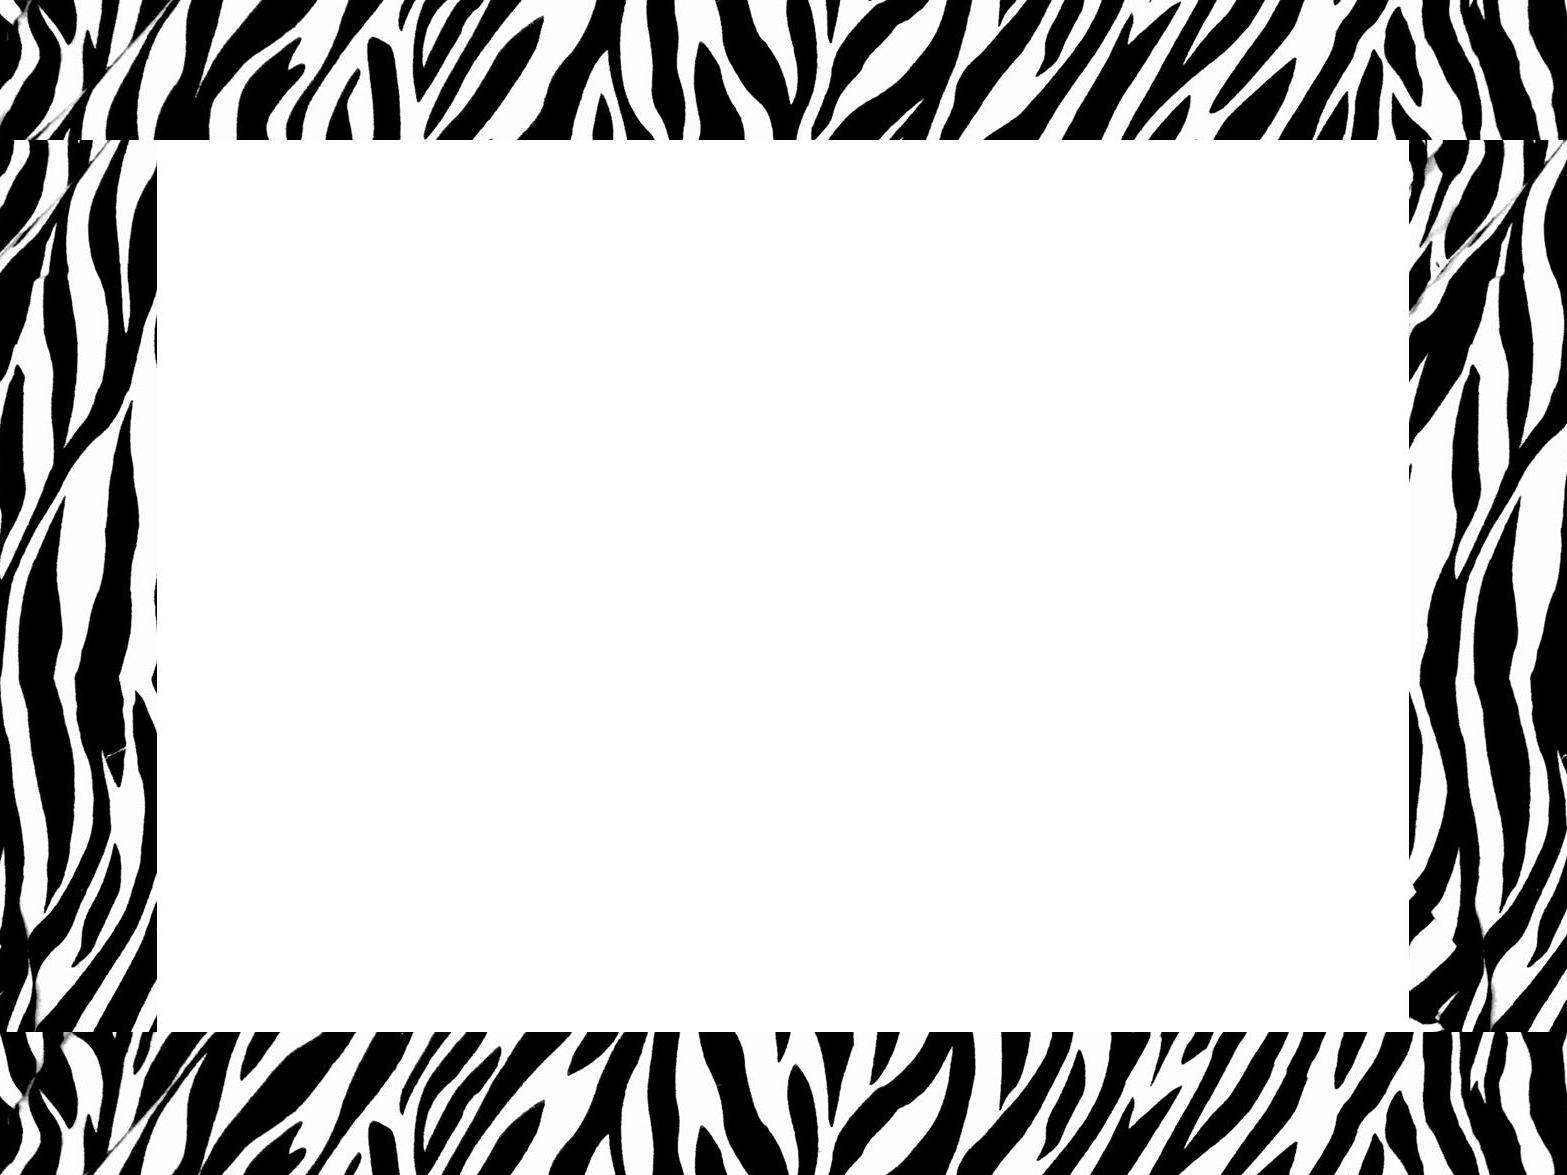 7 Images of Free Printable Animal Print Borders